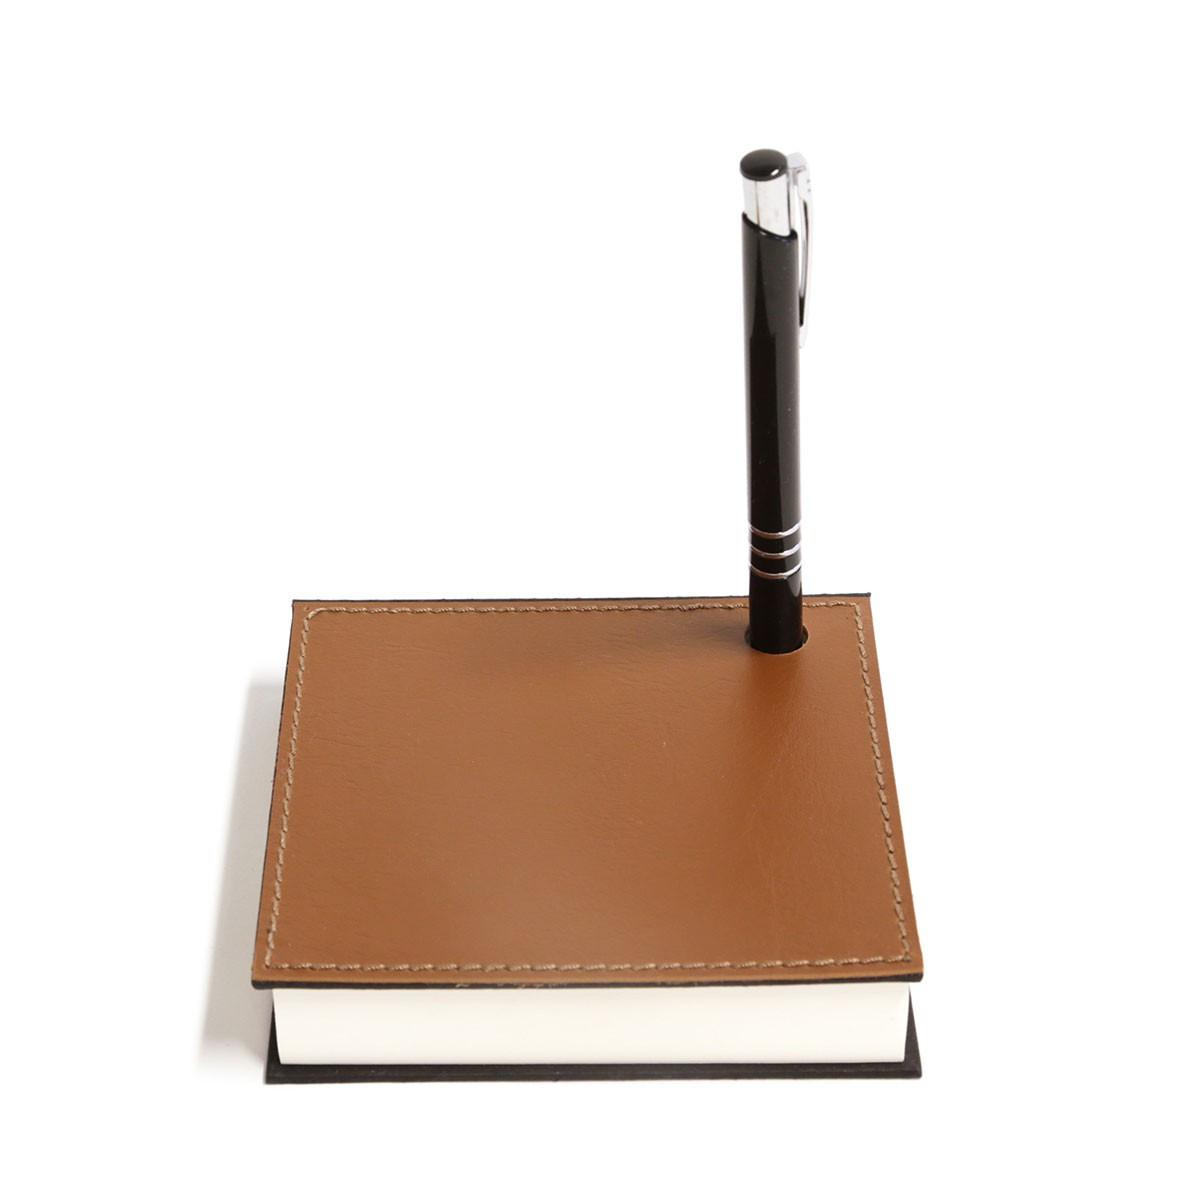 Mini bloco com caneta (Montana Havana)